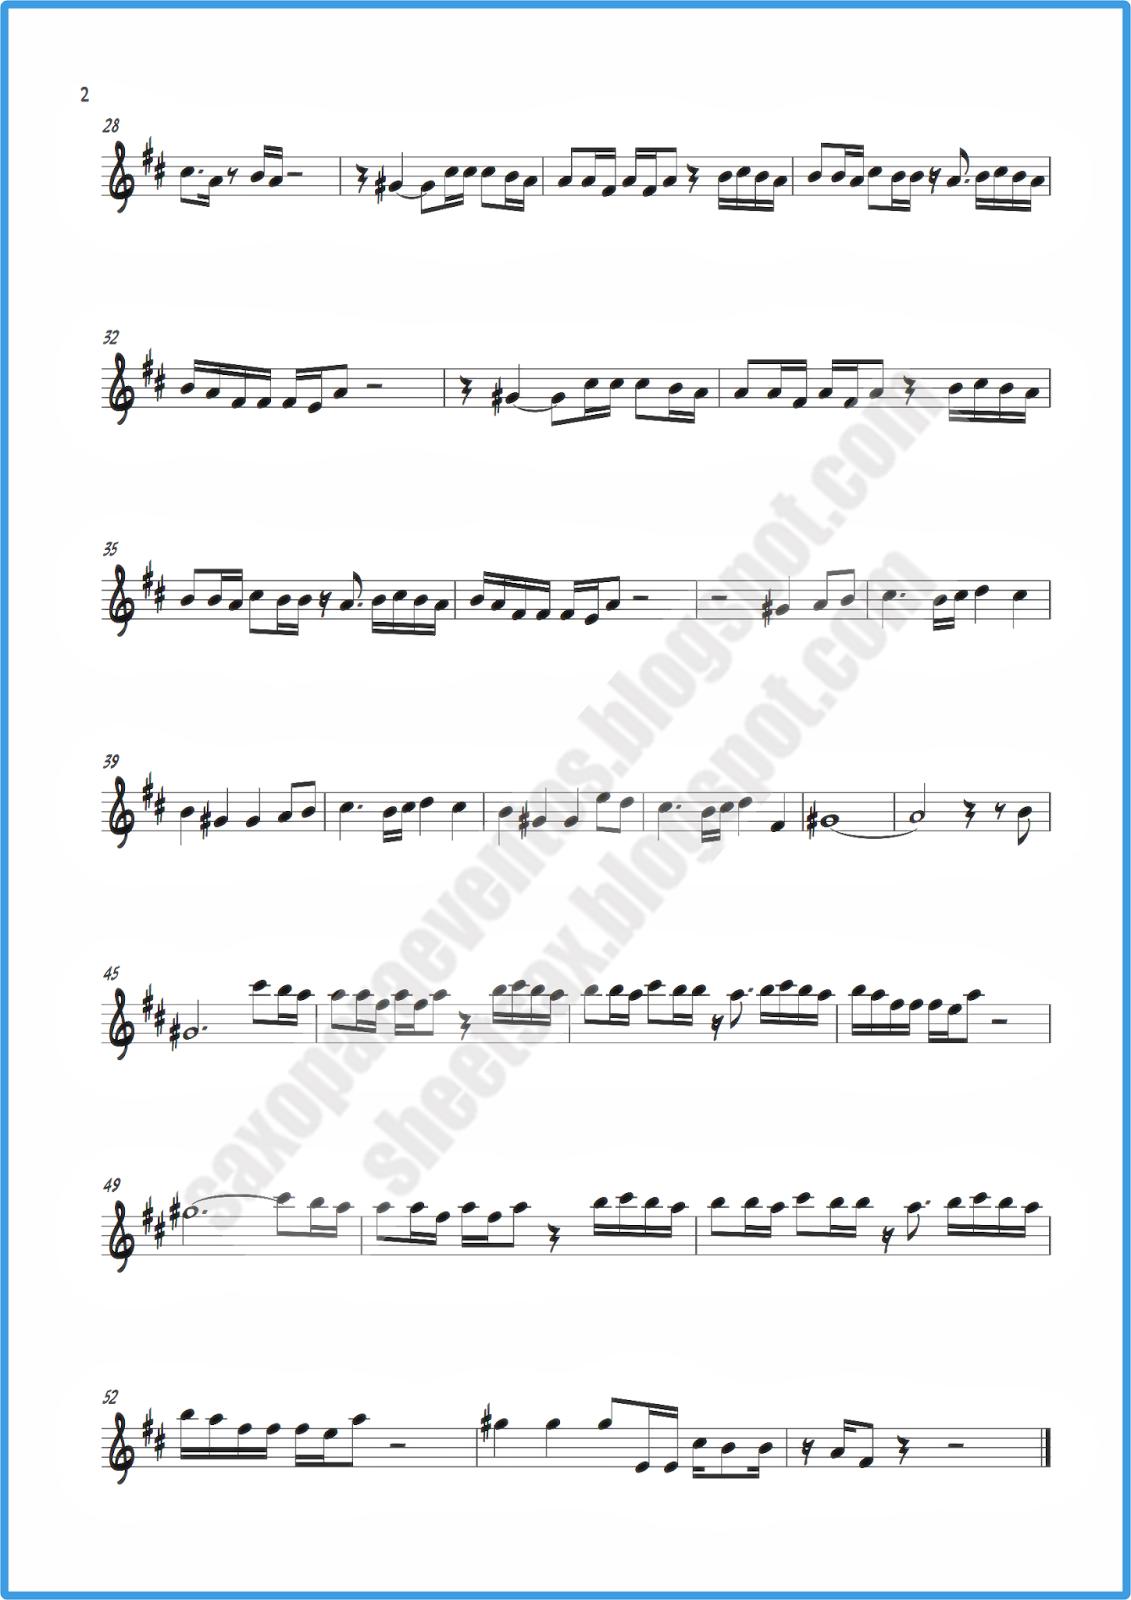 sheet music of let her go of passenger free sheet music. Black Bedroom Furniture Sets. Home Design Ideas